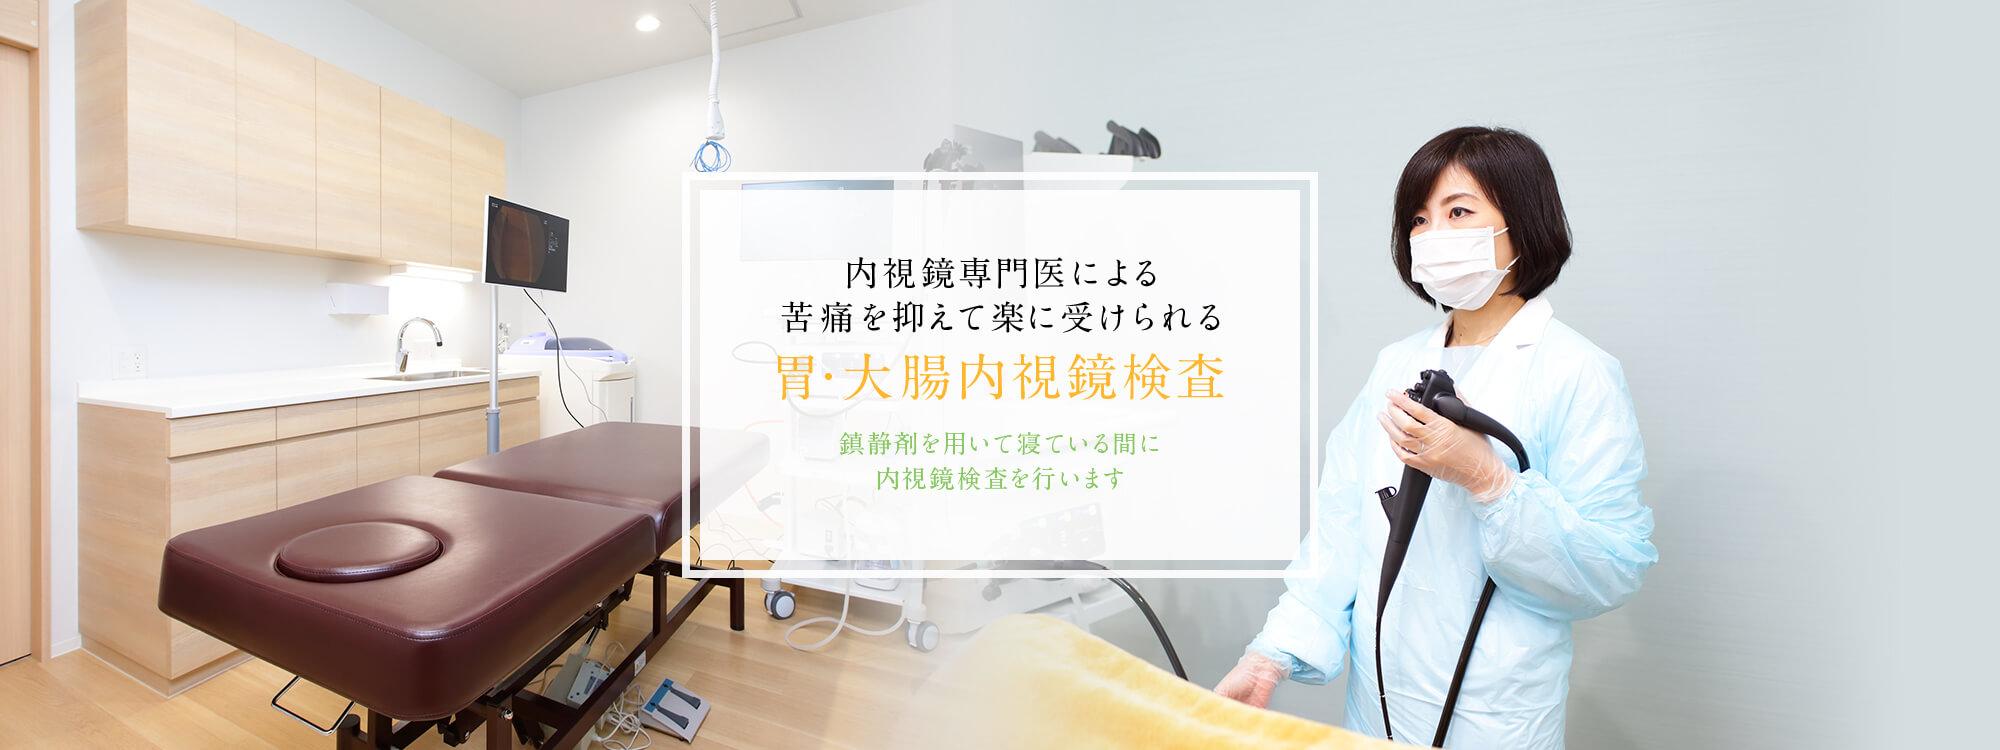 内視鏡専門医による苦痛を抑えて楽に受けられる胃・大腸内視鏡検査。鎮静剤を用いて寝ている間に内視鏡検査を行います